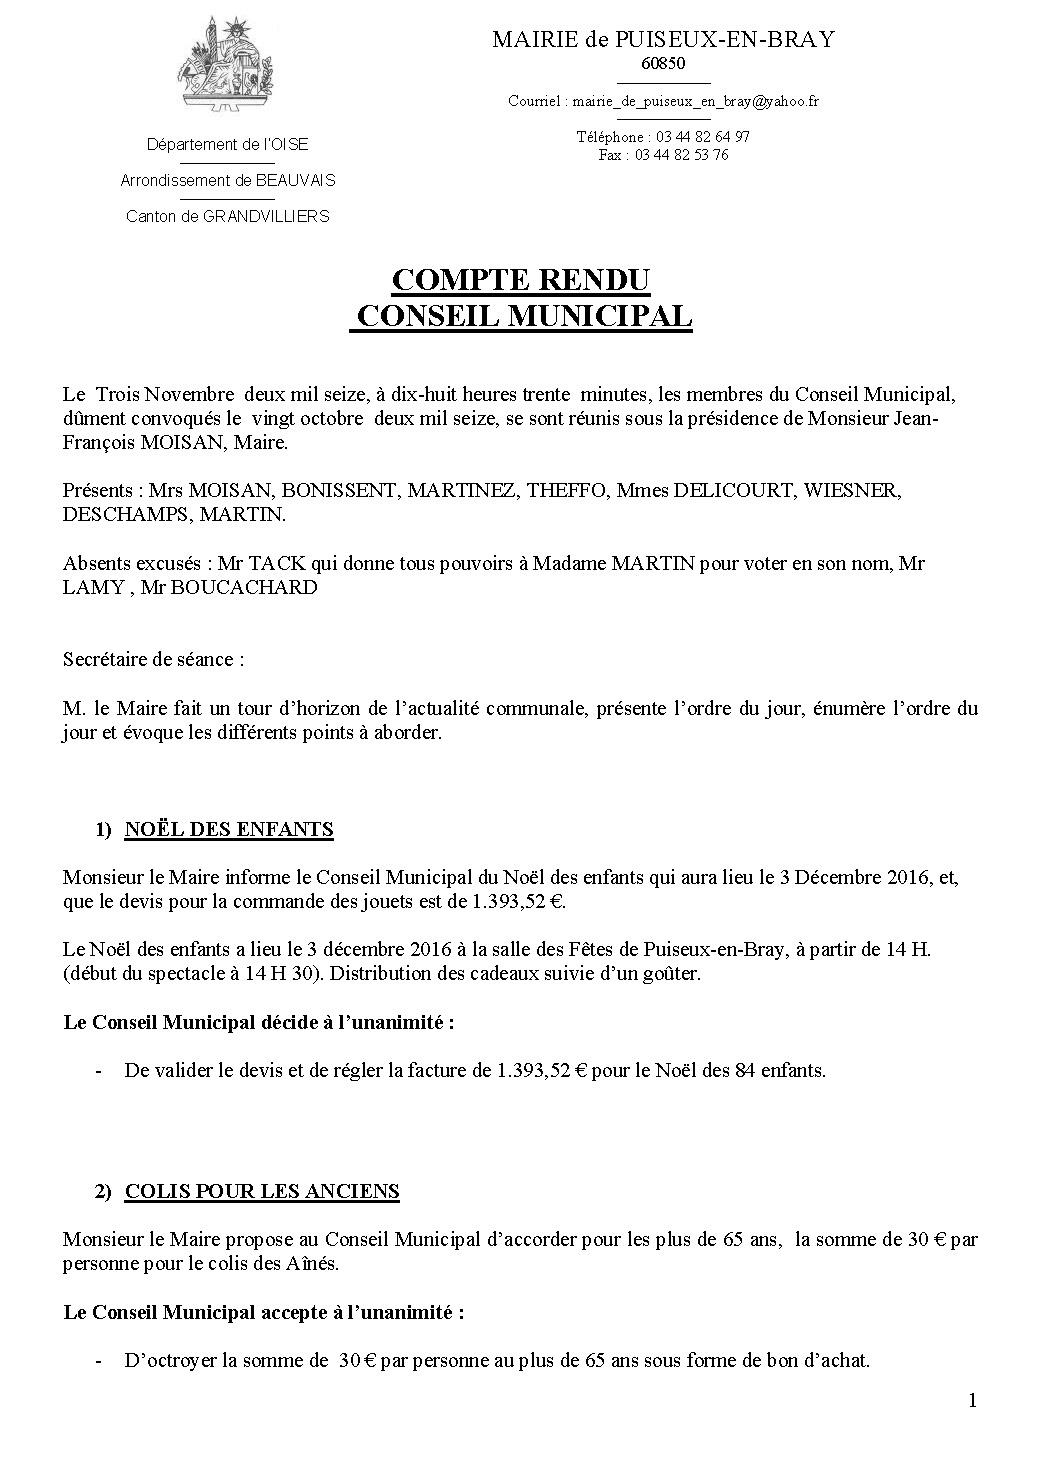 cr-du-03112016-page-1